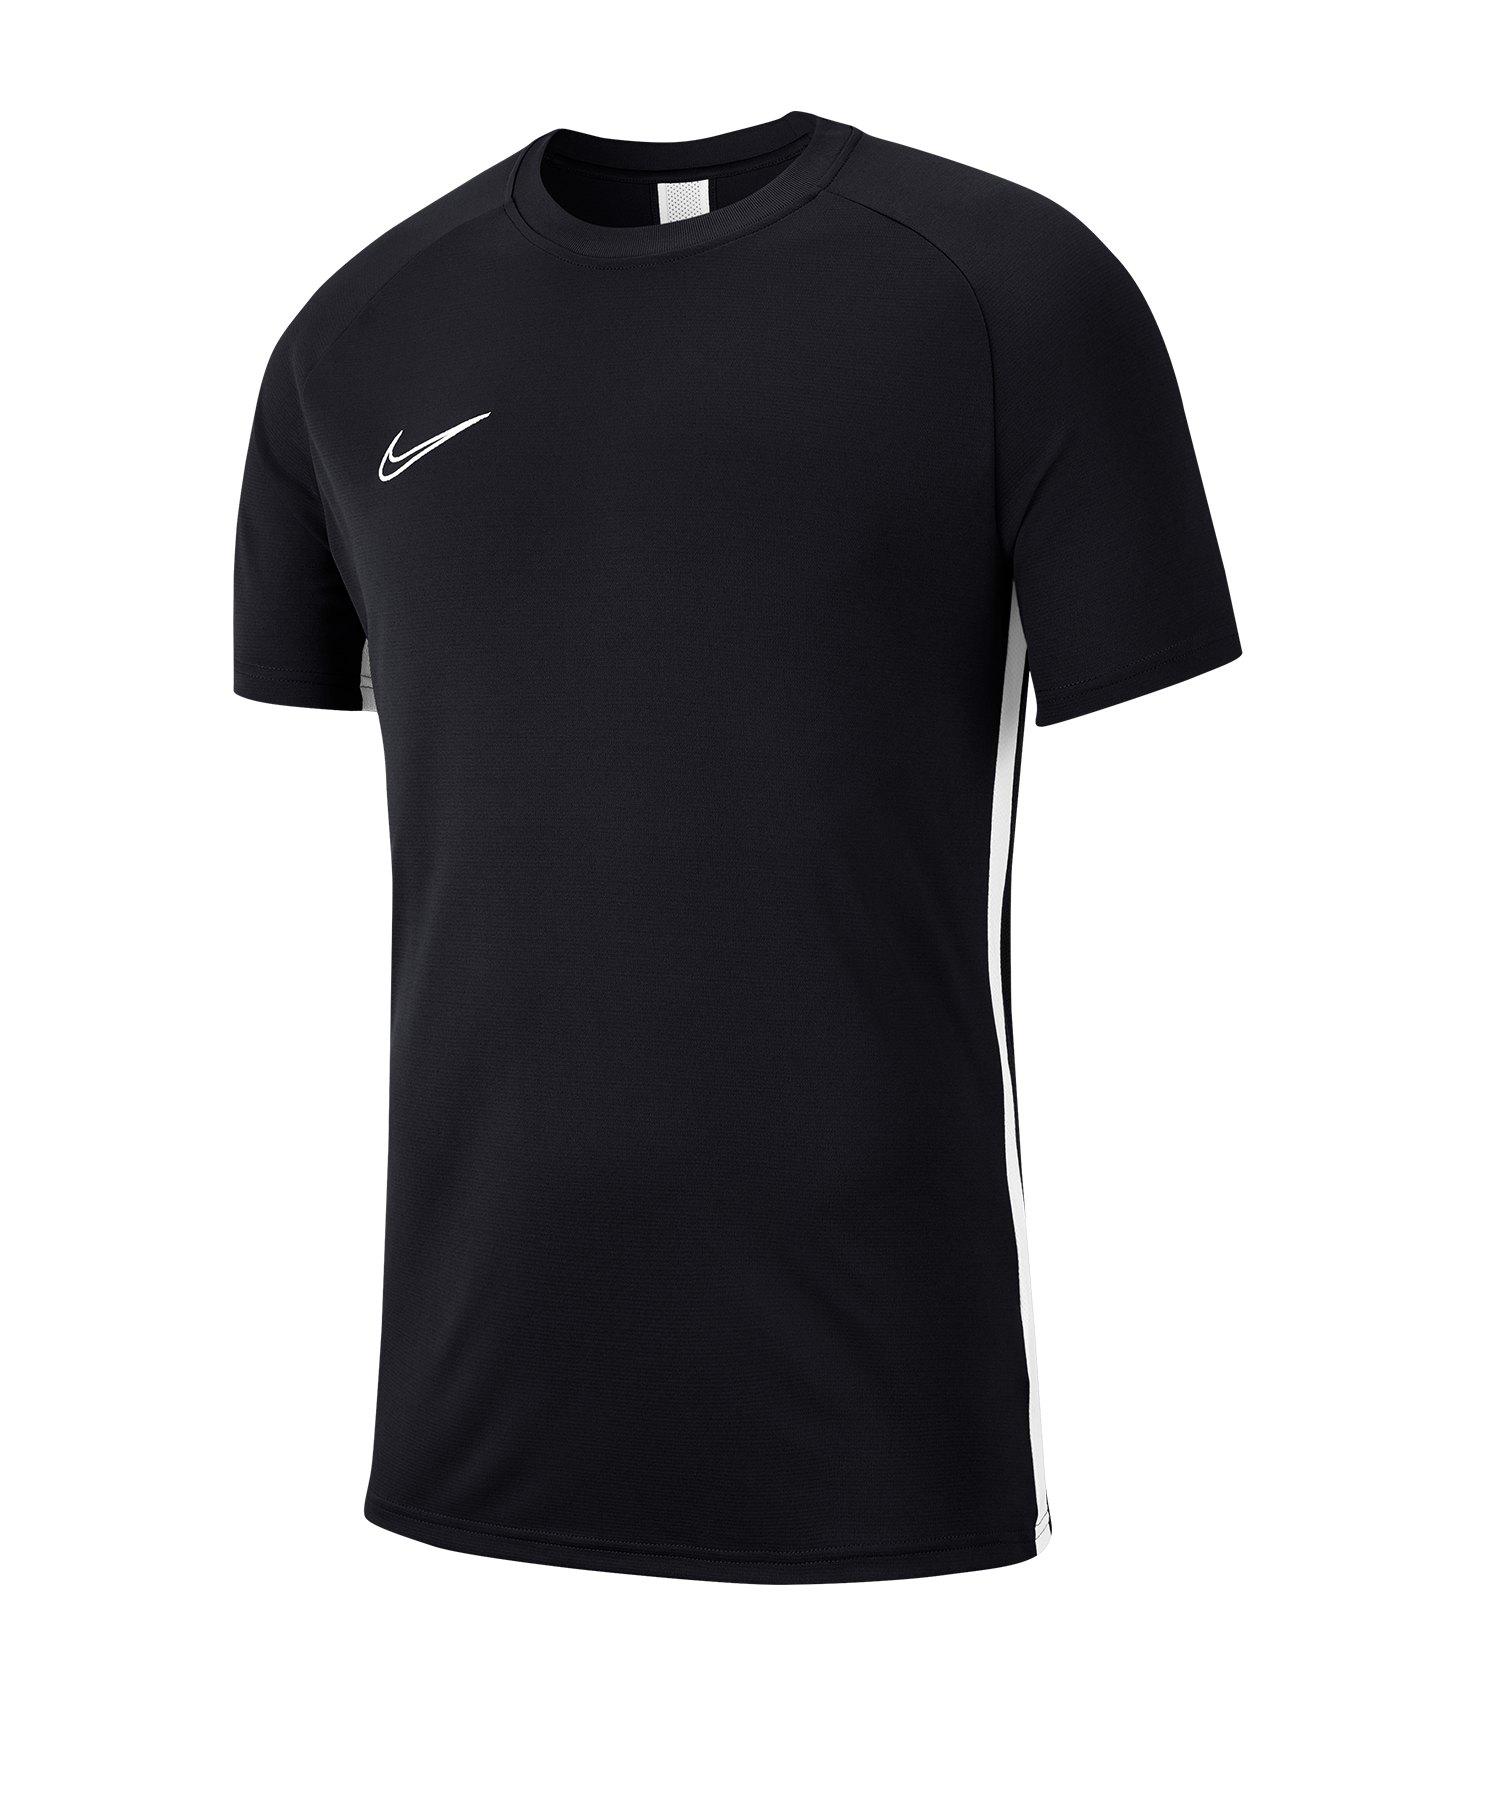 Nike Academy 19 Trainingstop T-Shirt Schwarz F010 - schwarz